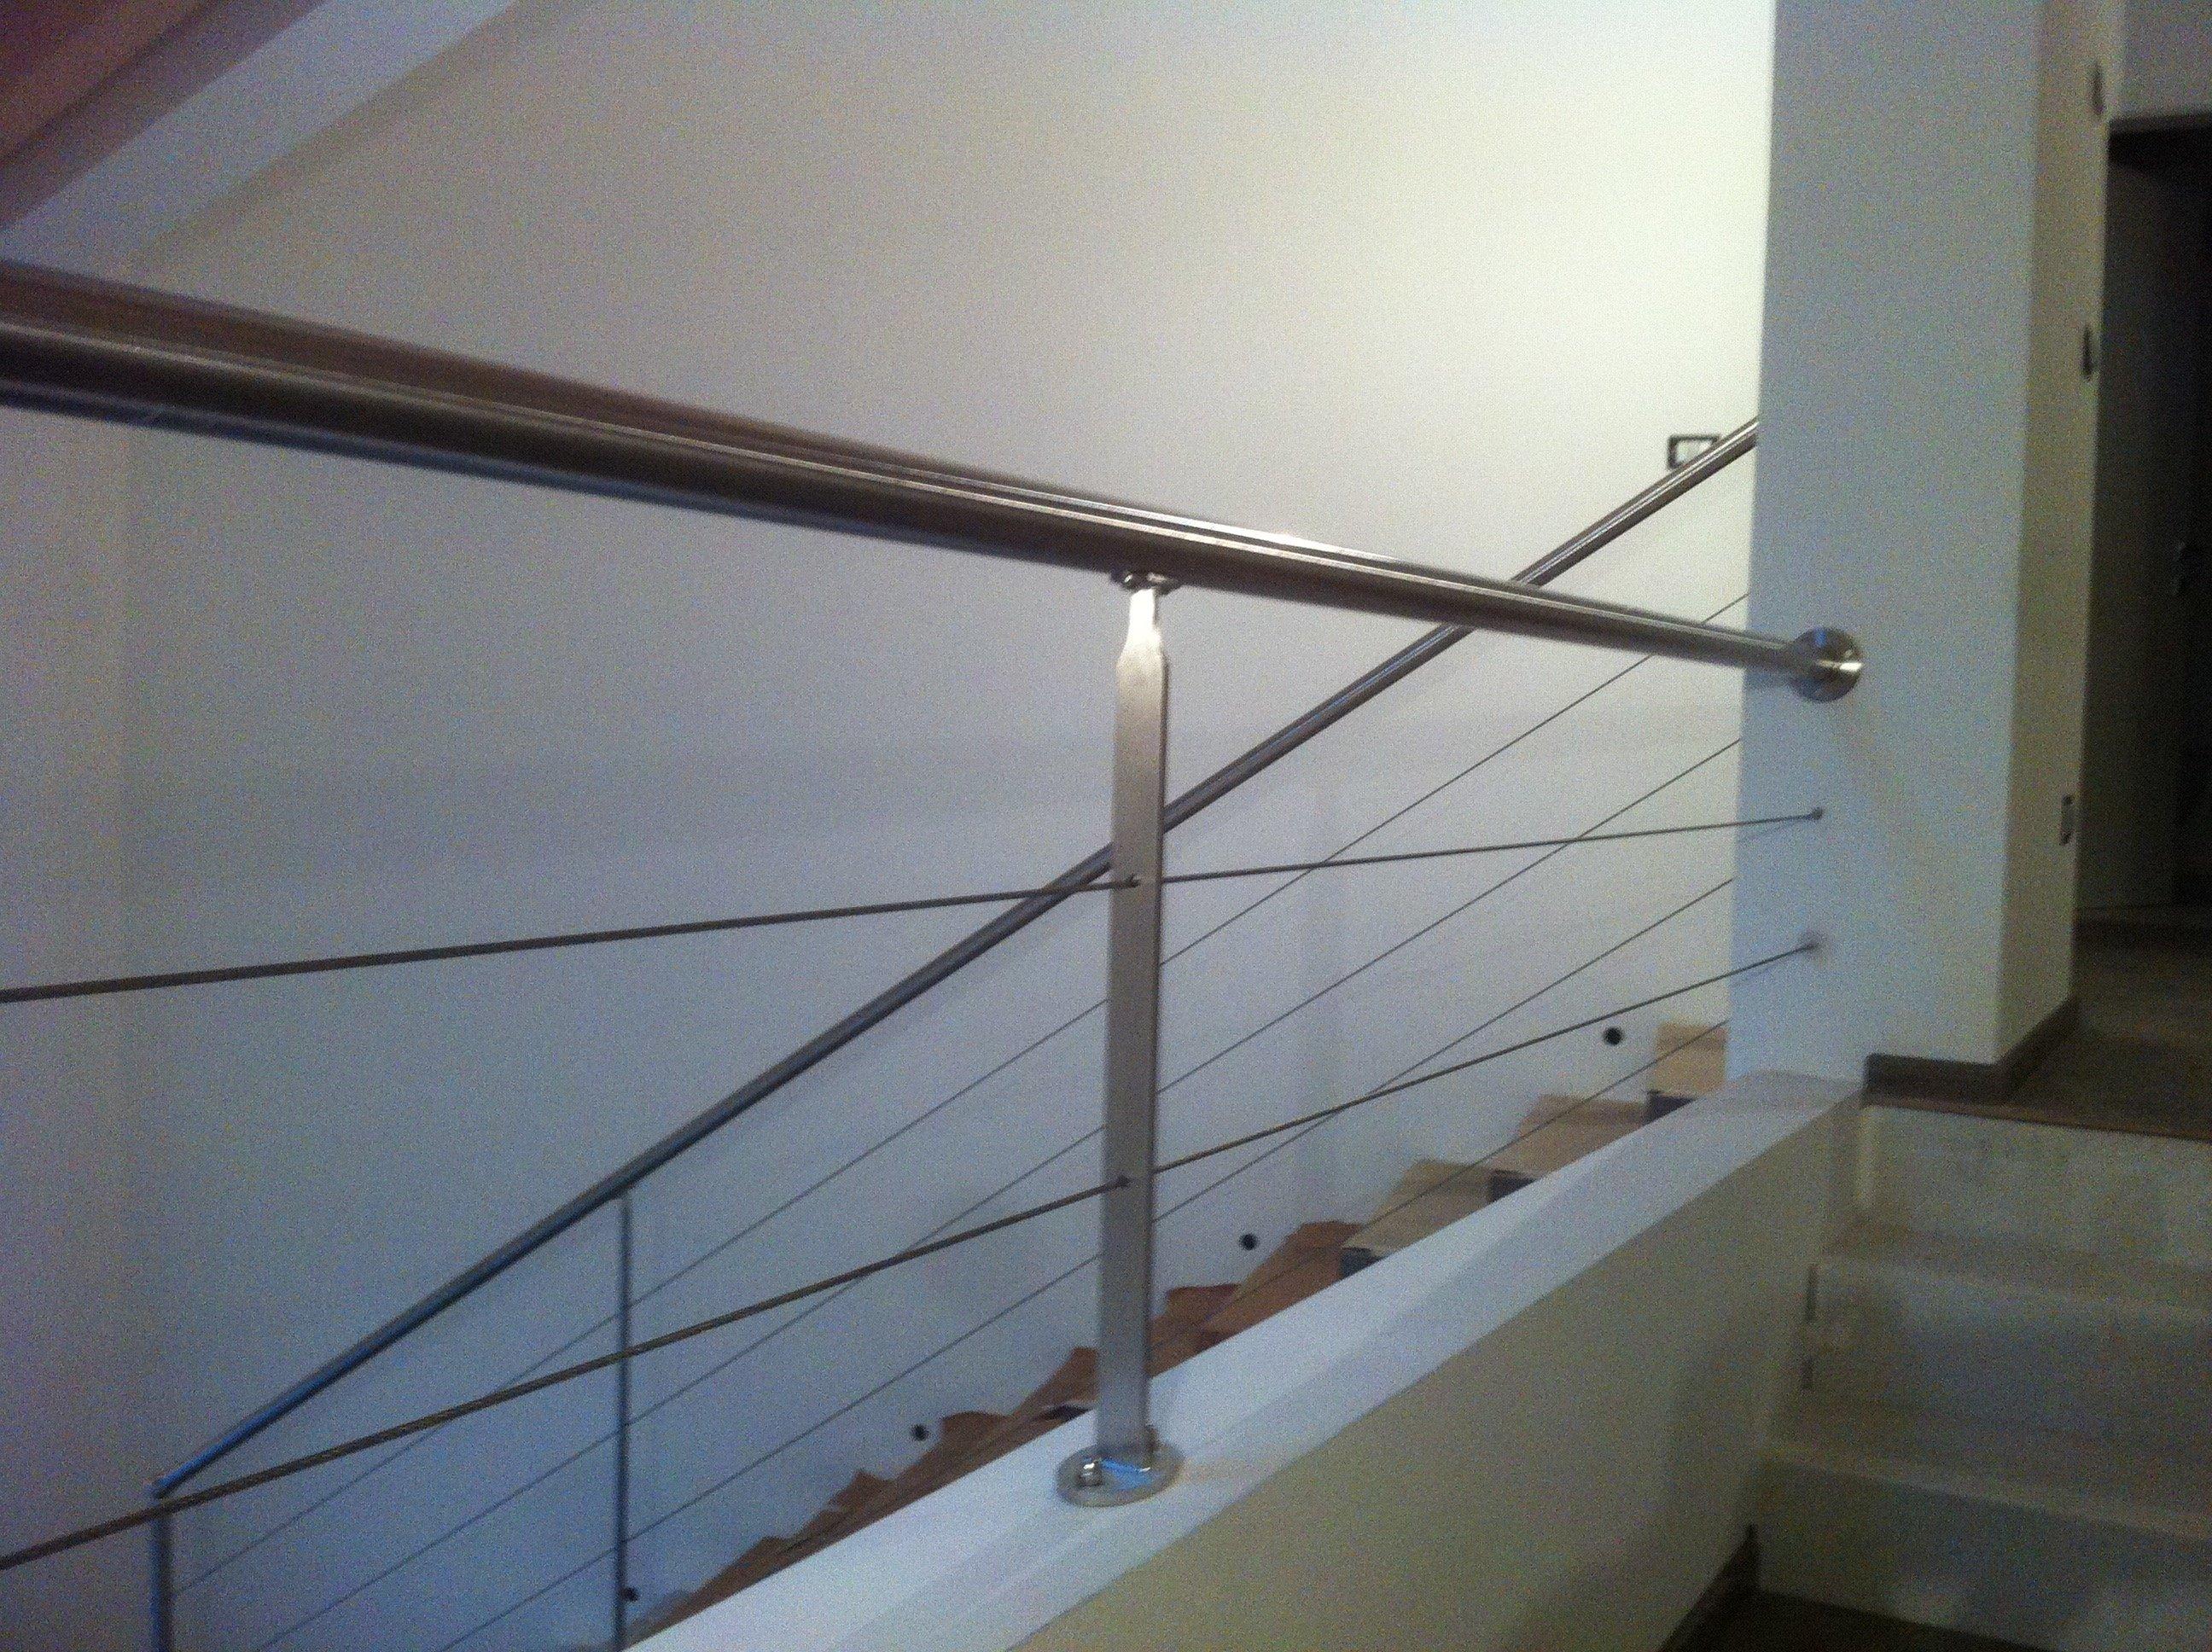 Inferiore di casi di scale per interni con una più ampia passaggi inferiori